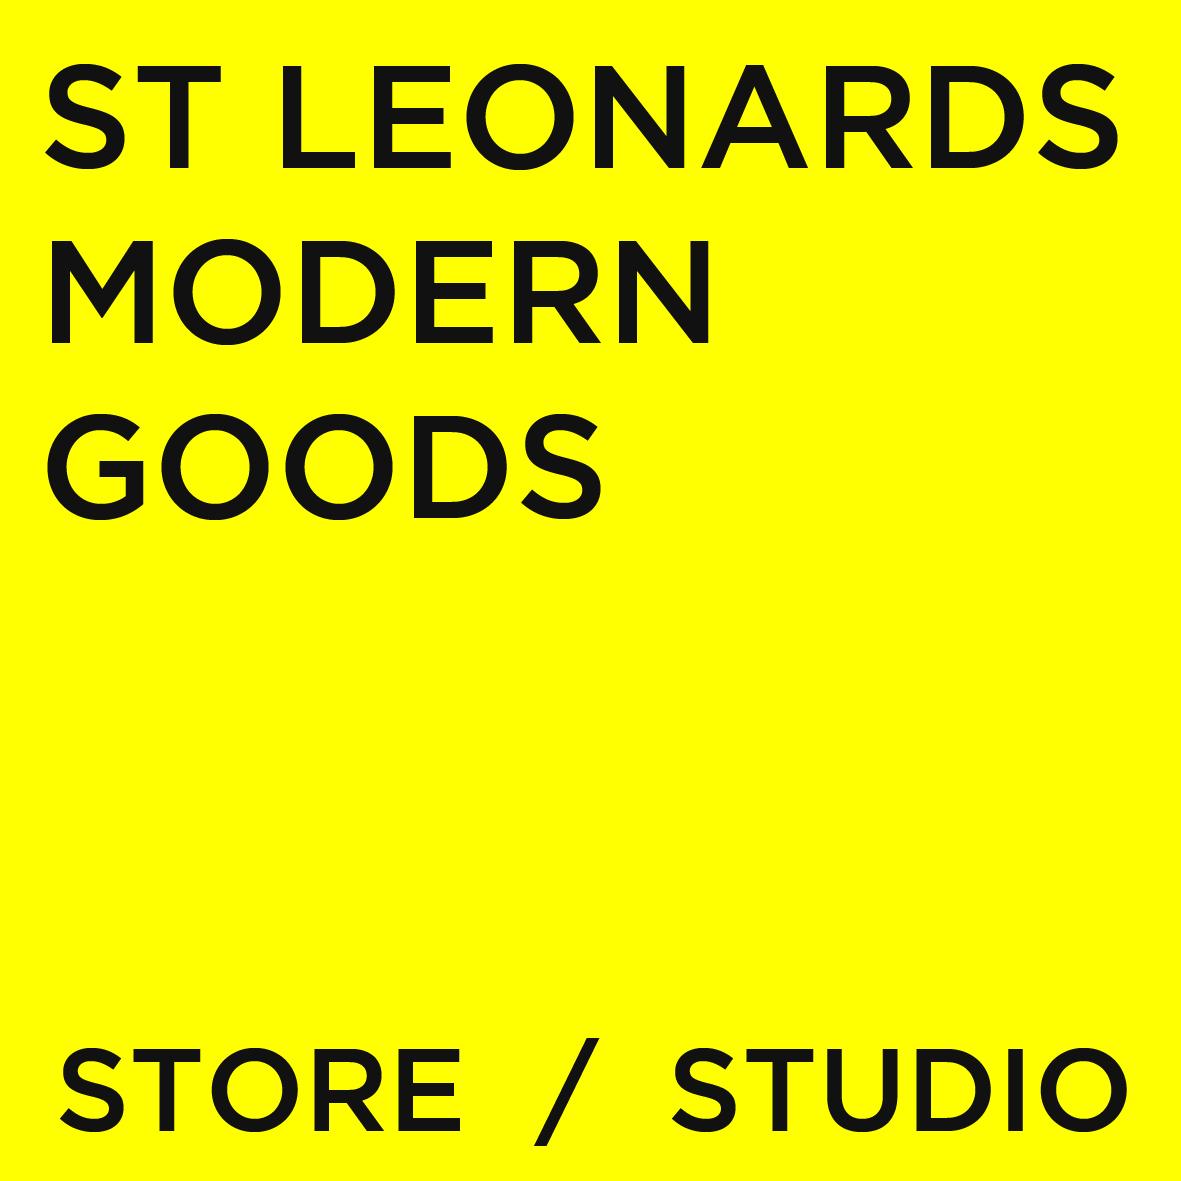 Modern Goods branding image